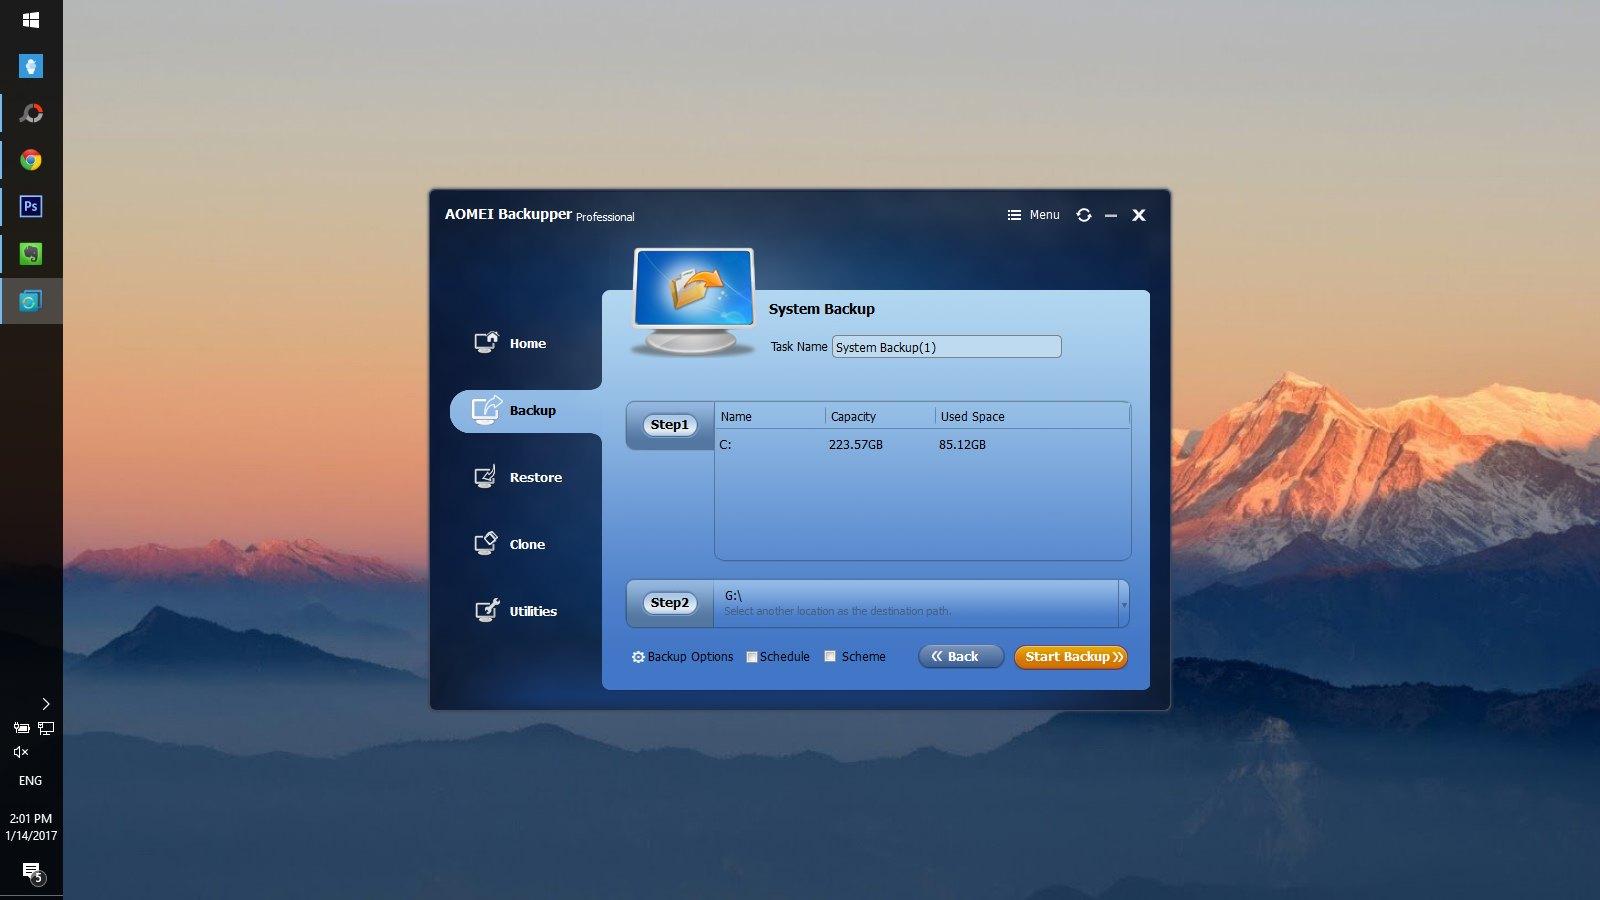 AOMEI Backupper Pro: Phần mềm sao lưu và khôi phục dữ liệu trị giá 49.95 đang miễn phí bản quyền